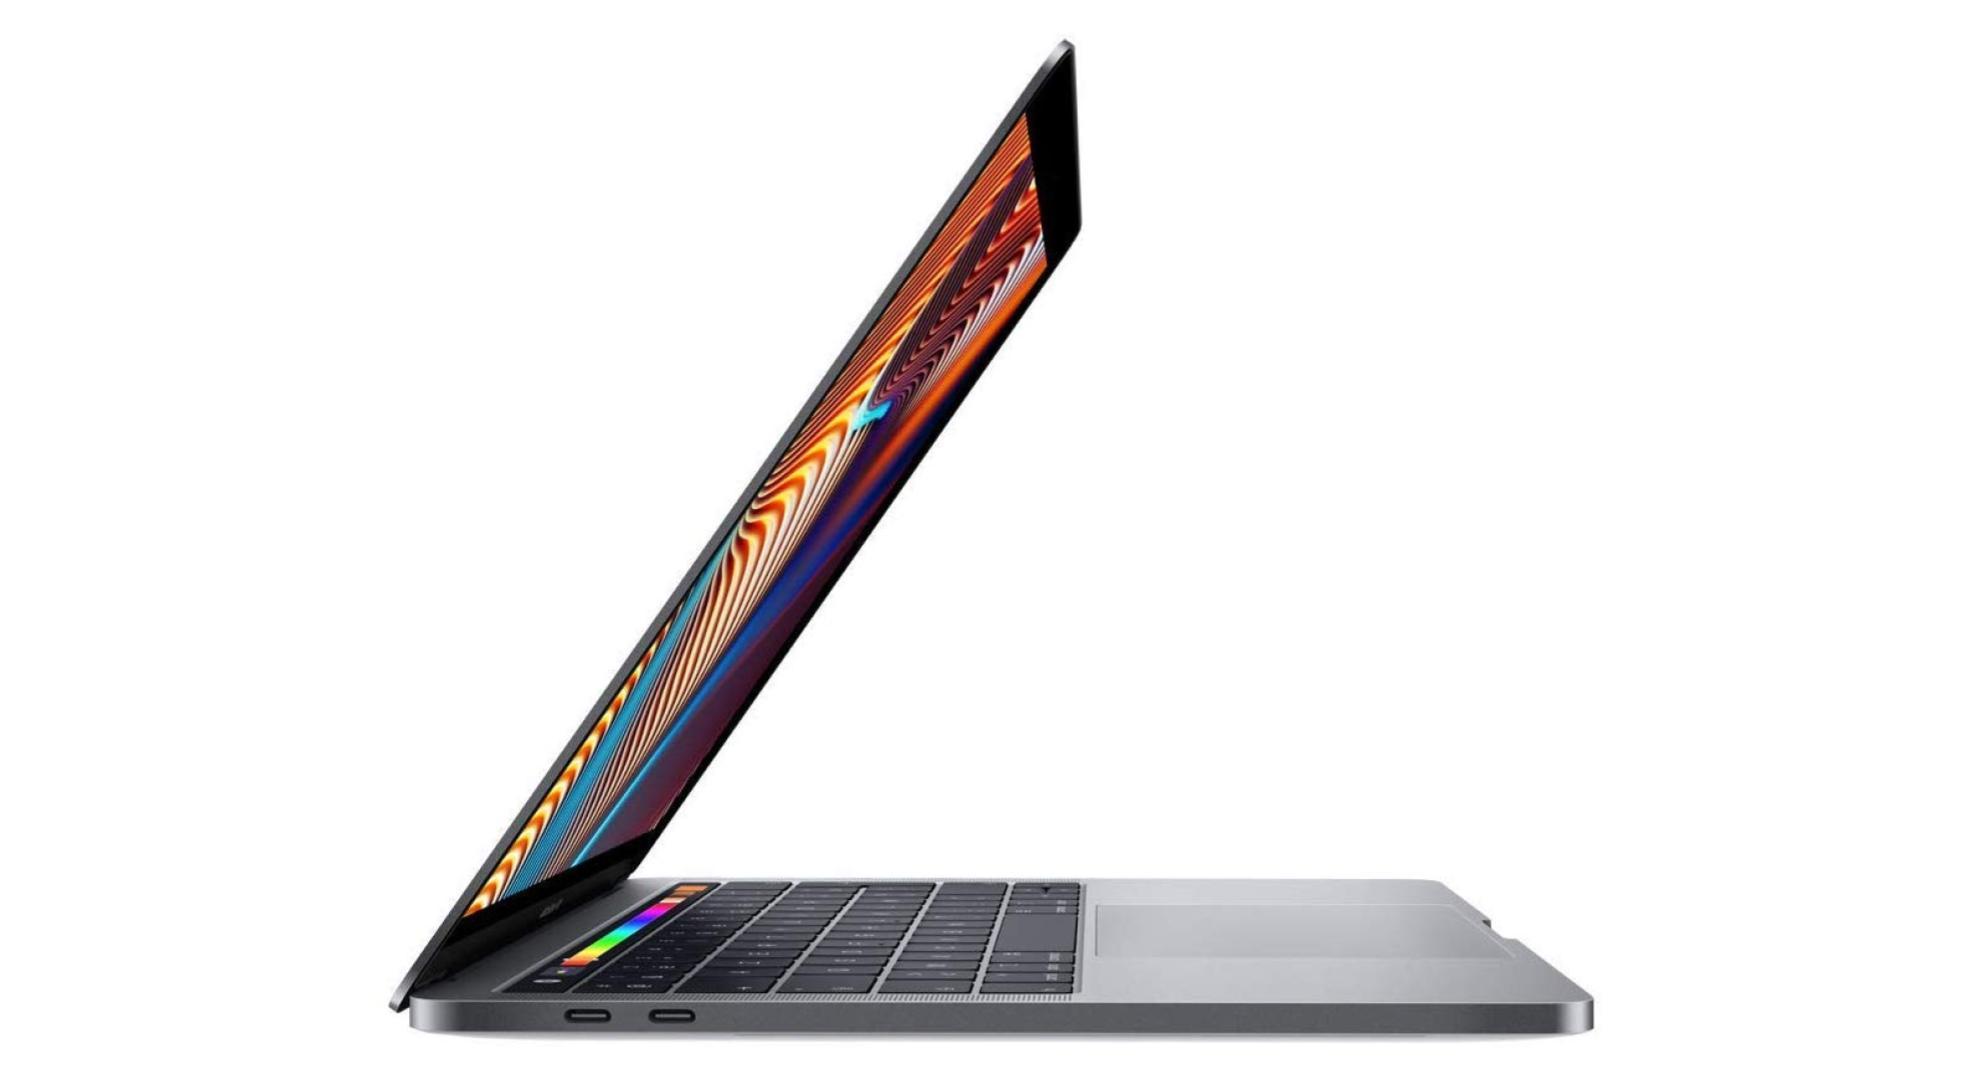 Vous pouvez économiser jusqu'à 474 euros sur les nouveaux MacBook Pro d'Apple